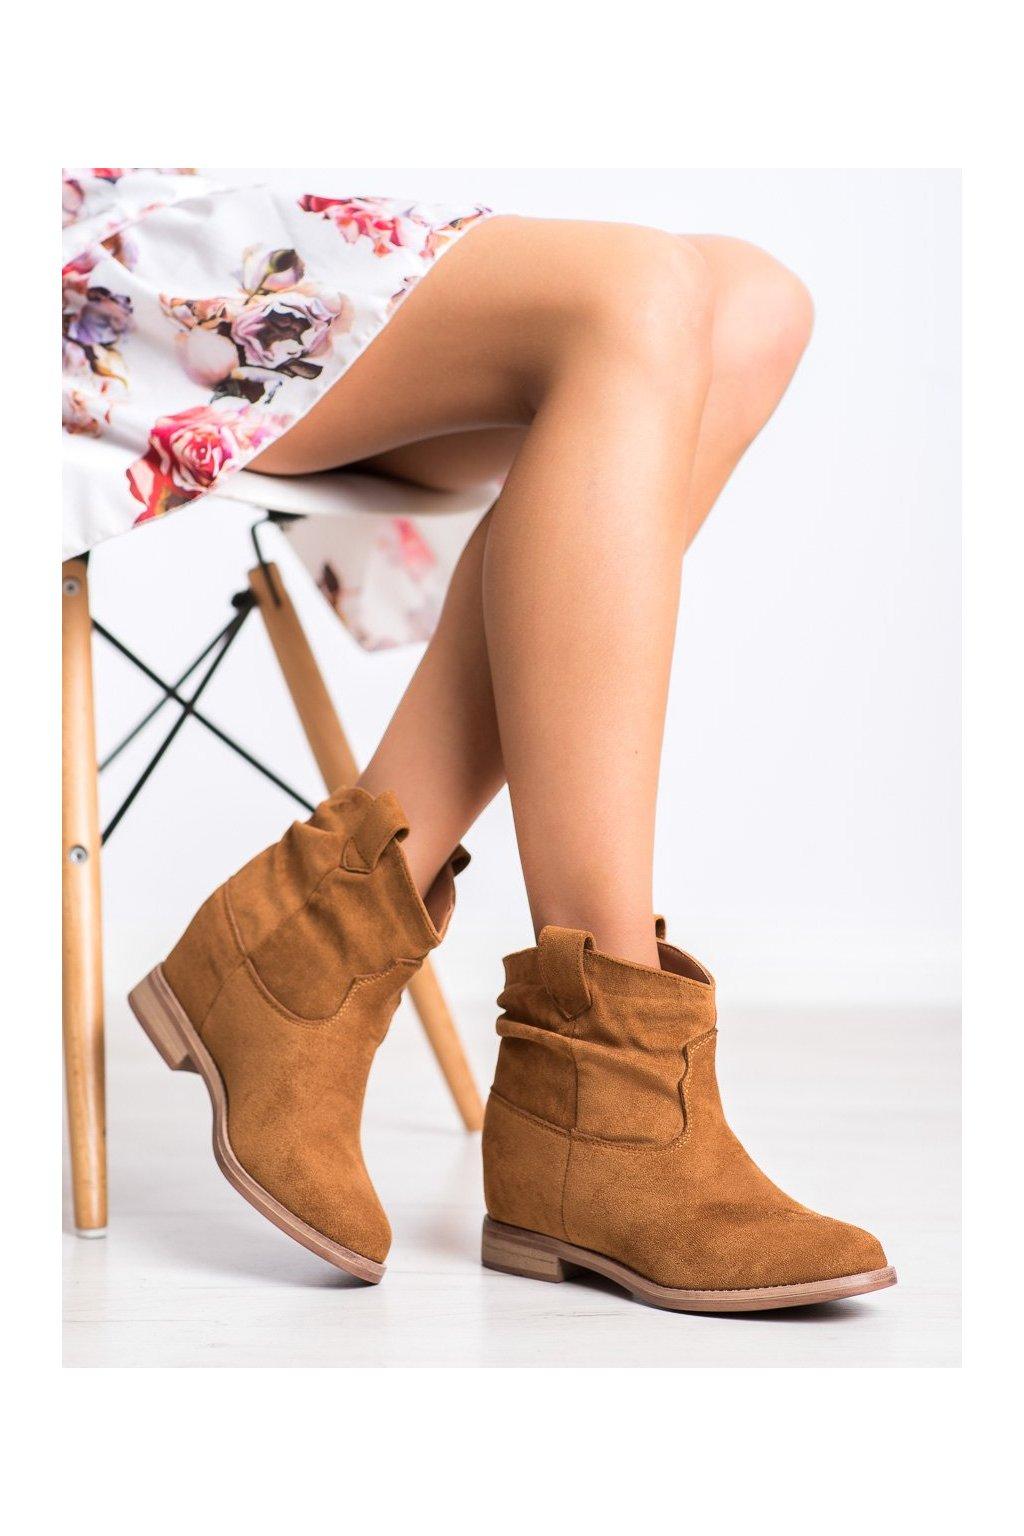 Hnedé dámske topánky Marquiz kod 1516C